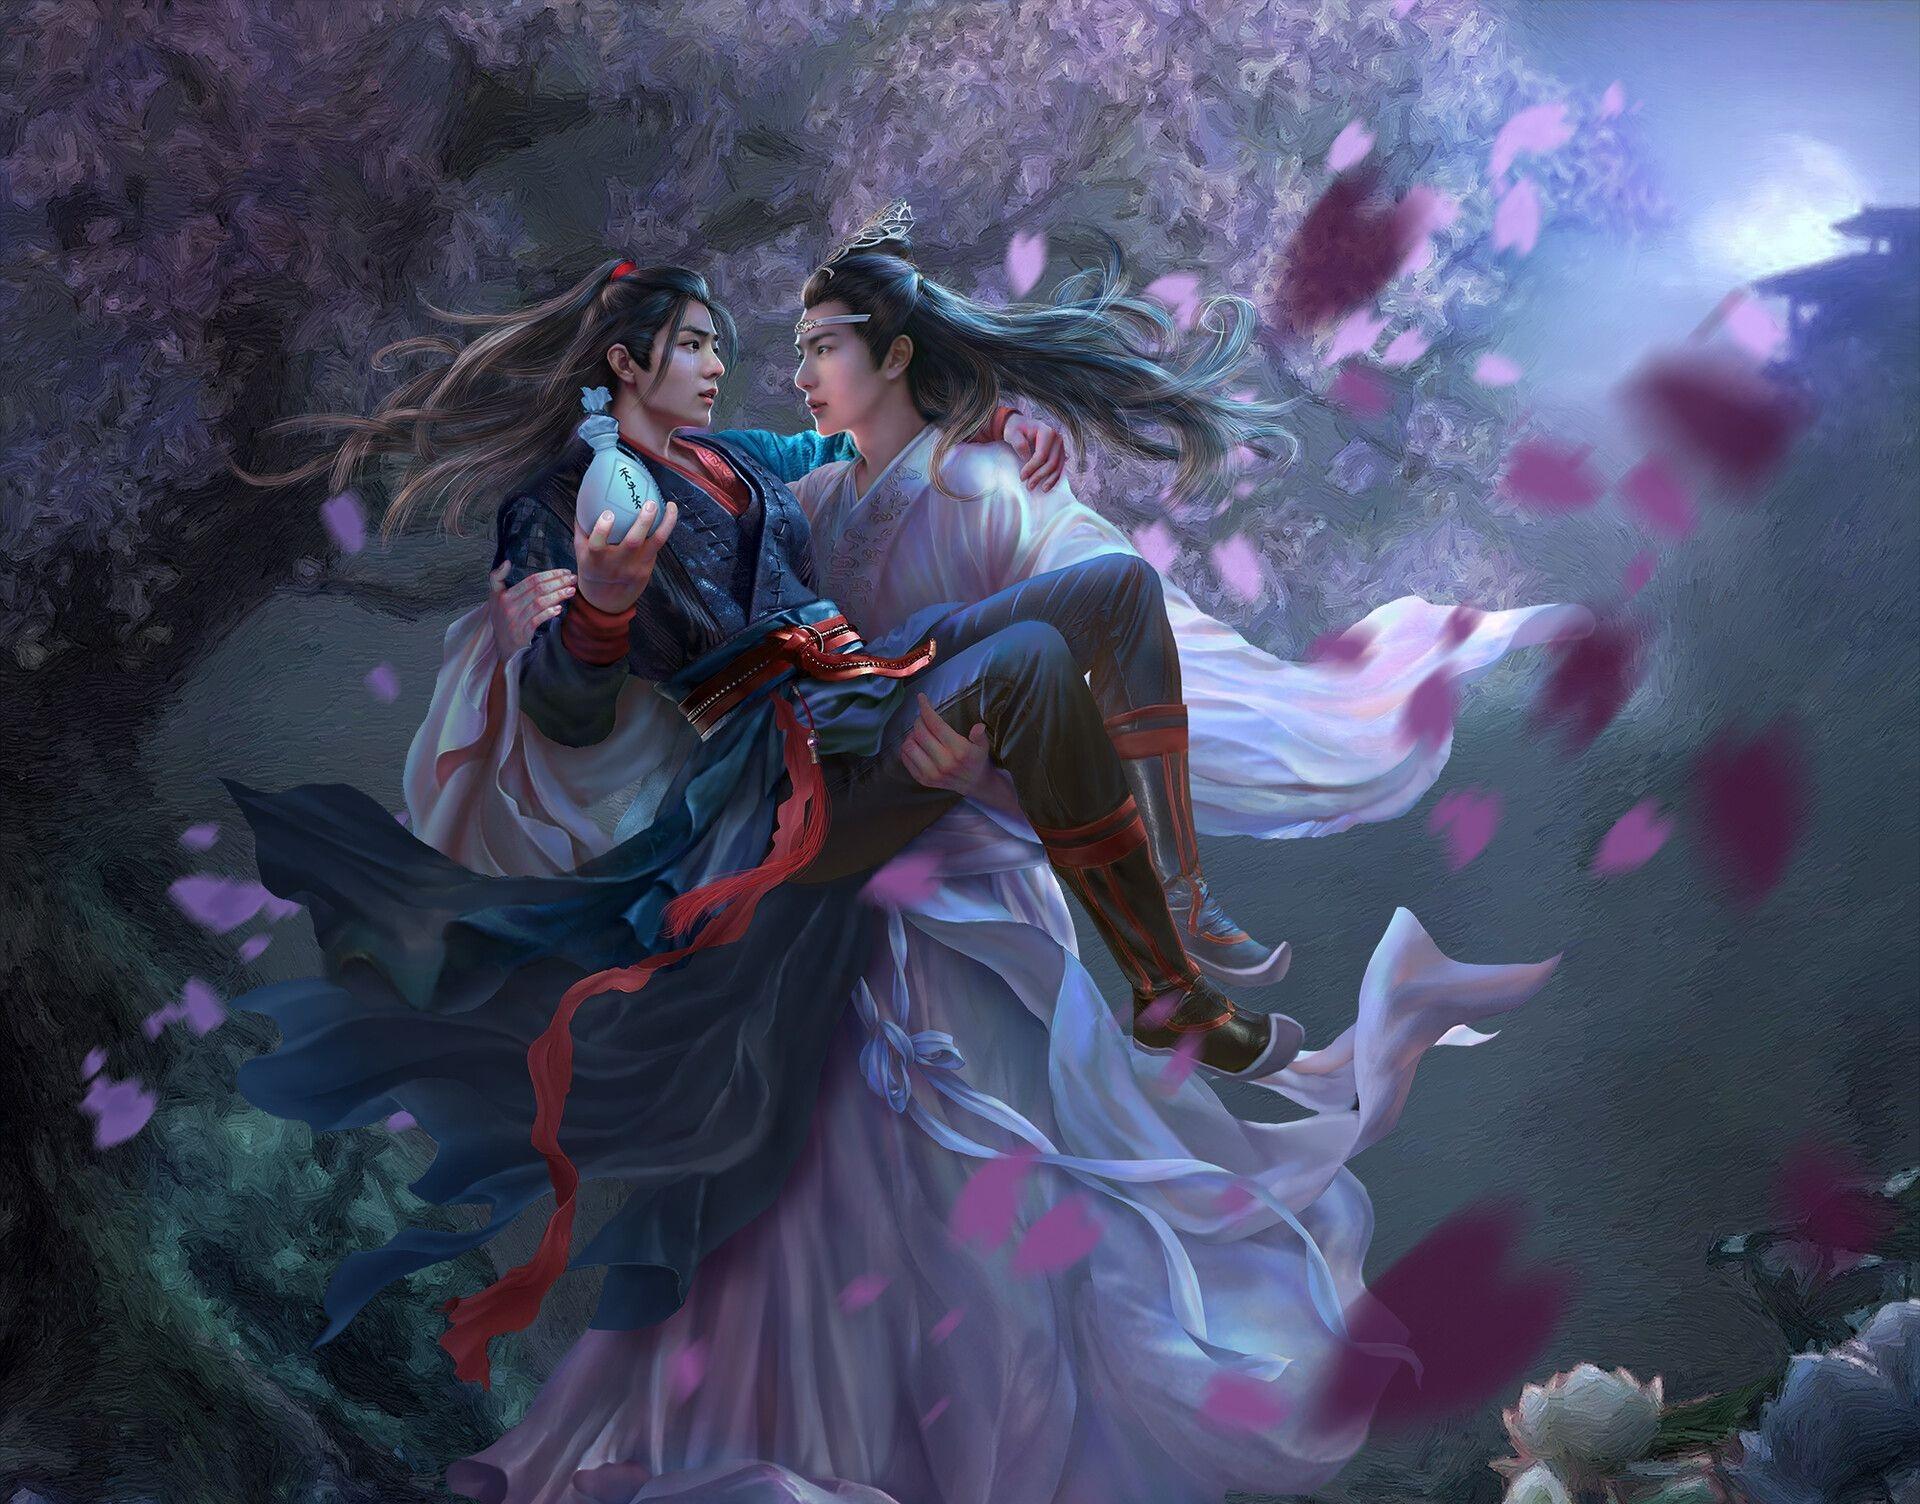 Lan Wangji Lan Zhan Wang Yibo Wei Wuxian Wei Ying Xiao Zhan 1920x1504